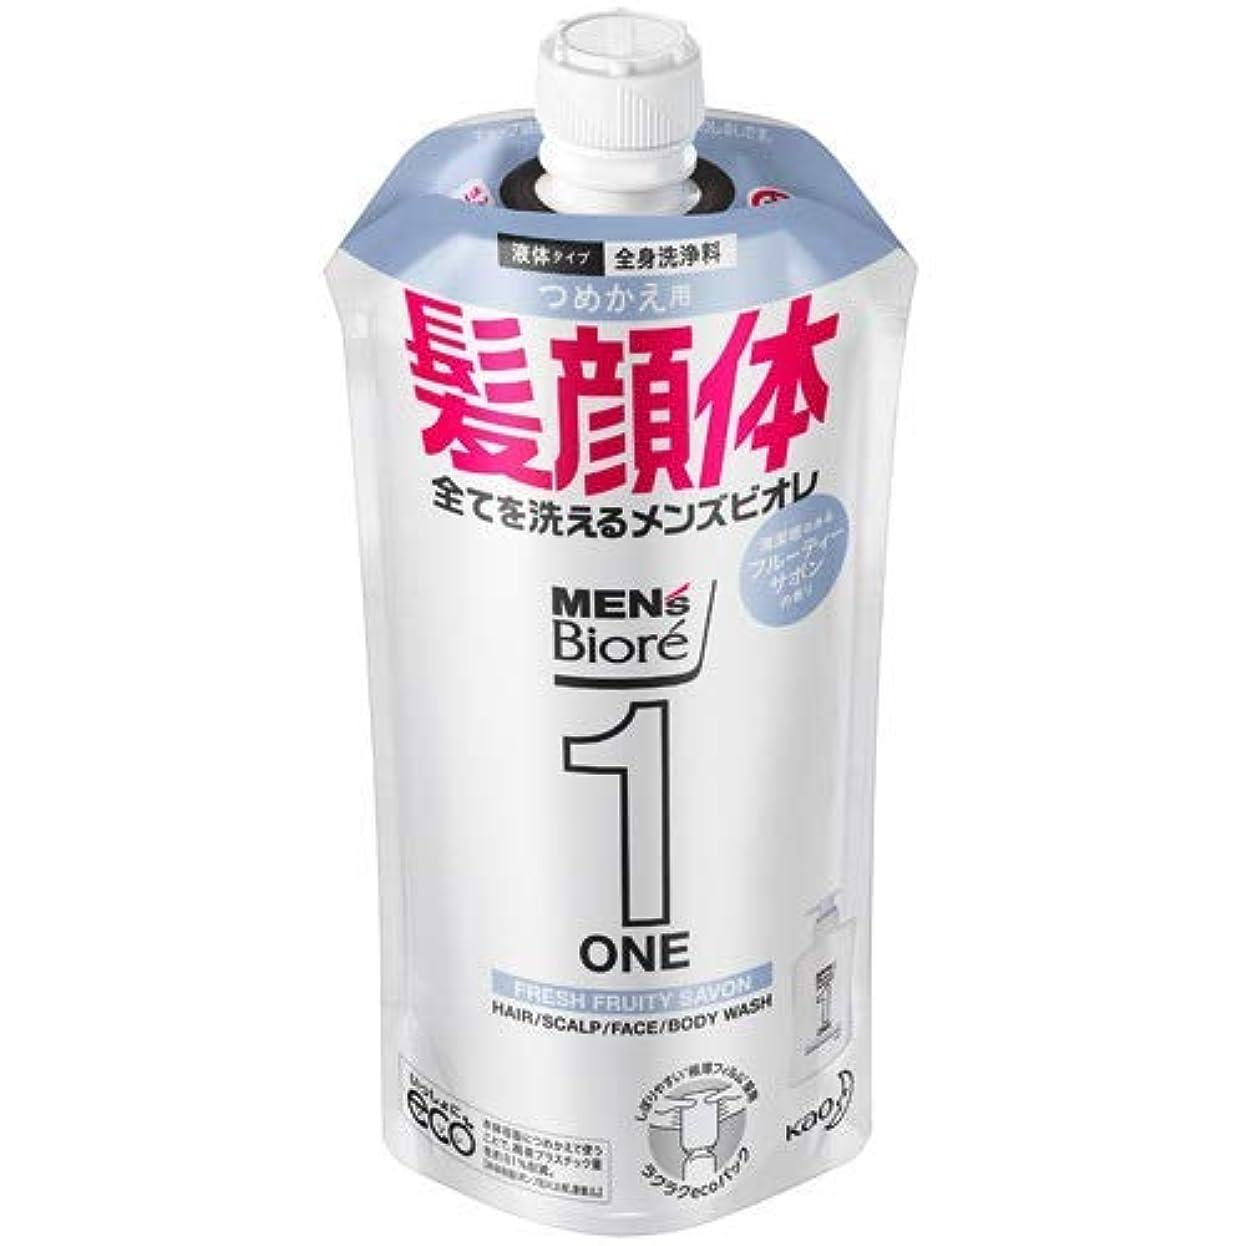 混合したまさにスリラー【10個セット】メンズビオレONE オールインワン全身洗浄料 清潔感のあるフルーティーサボンの香り つめかえ用 340mL